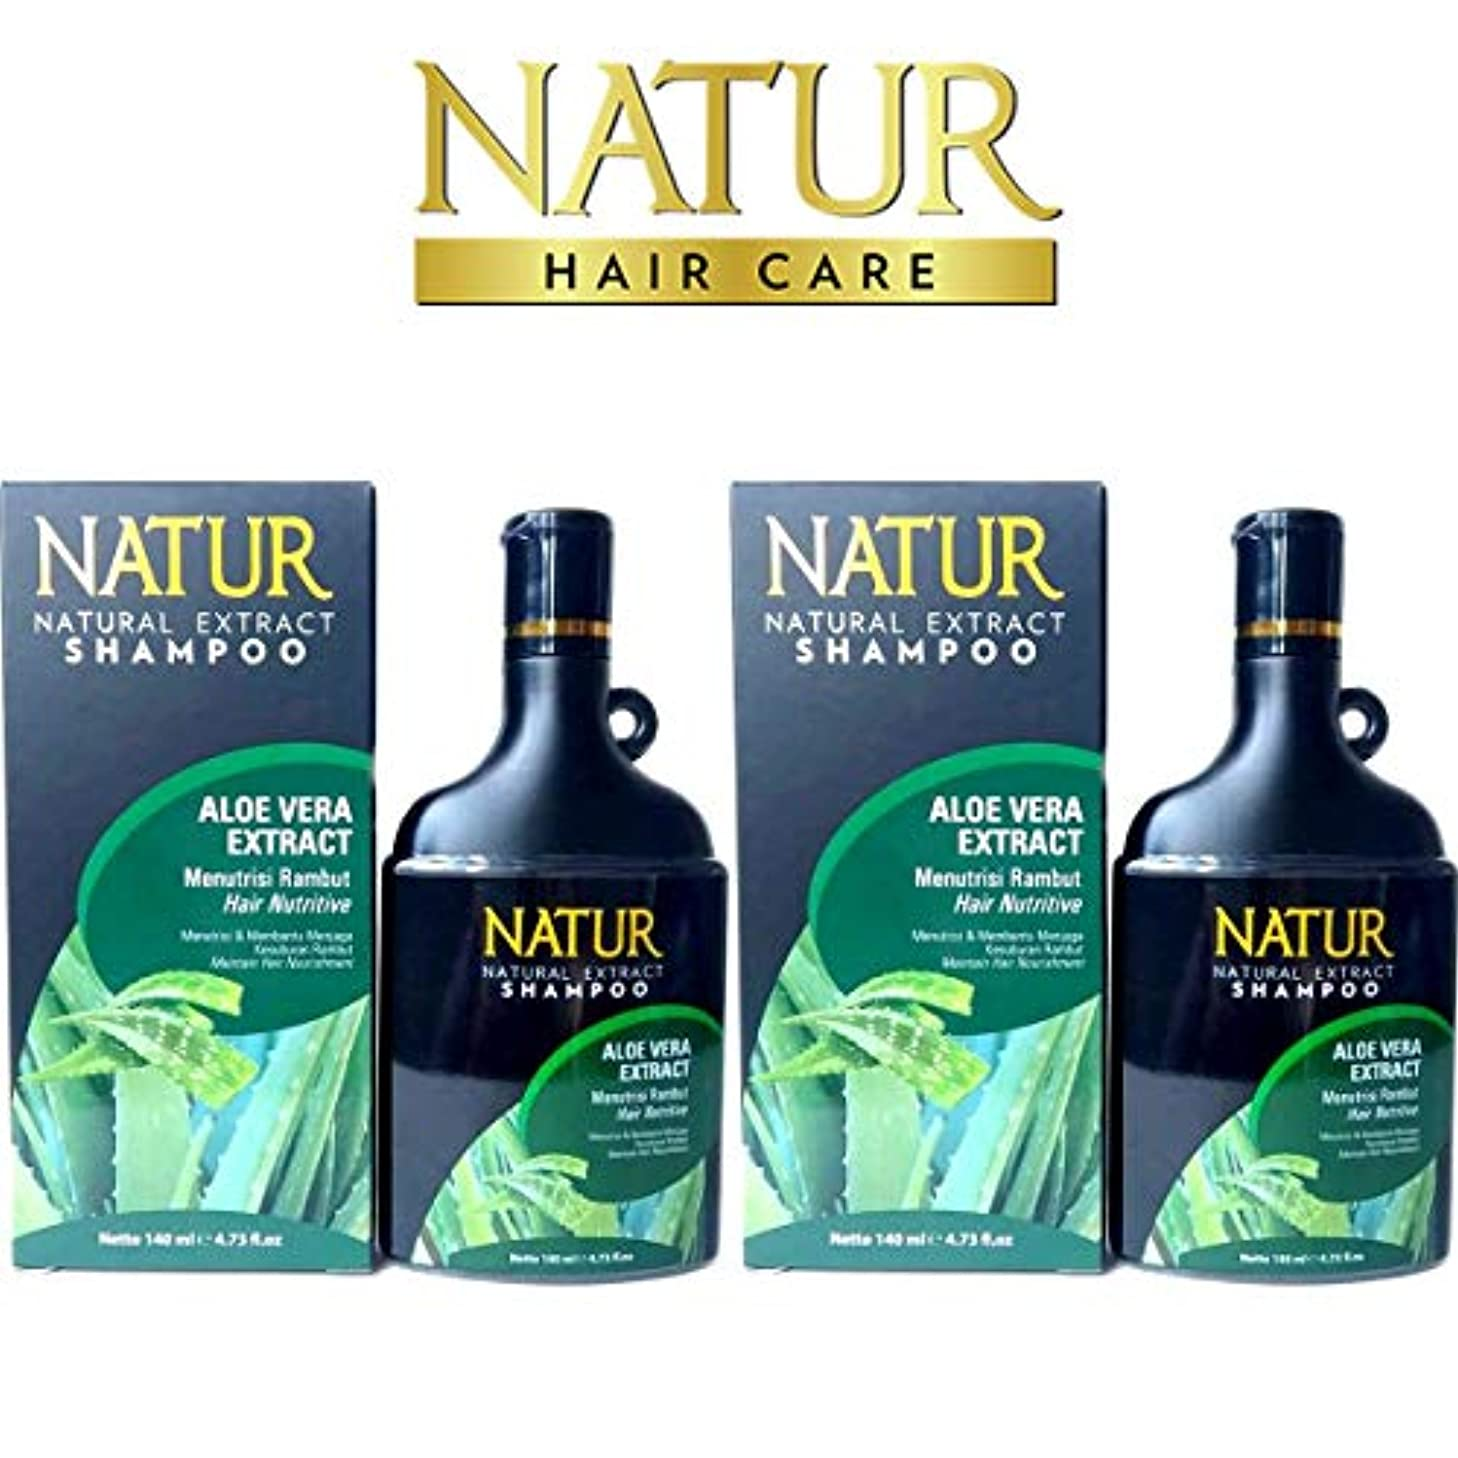 冷ややかな放散する最少NATUR ナトゥール 天然植物エキス配合 ハーバルシャンプー 140ml×2個セット Aloe vera アロエベラ [海外直商品]